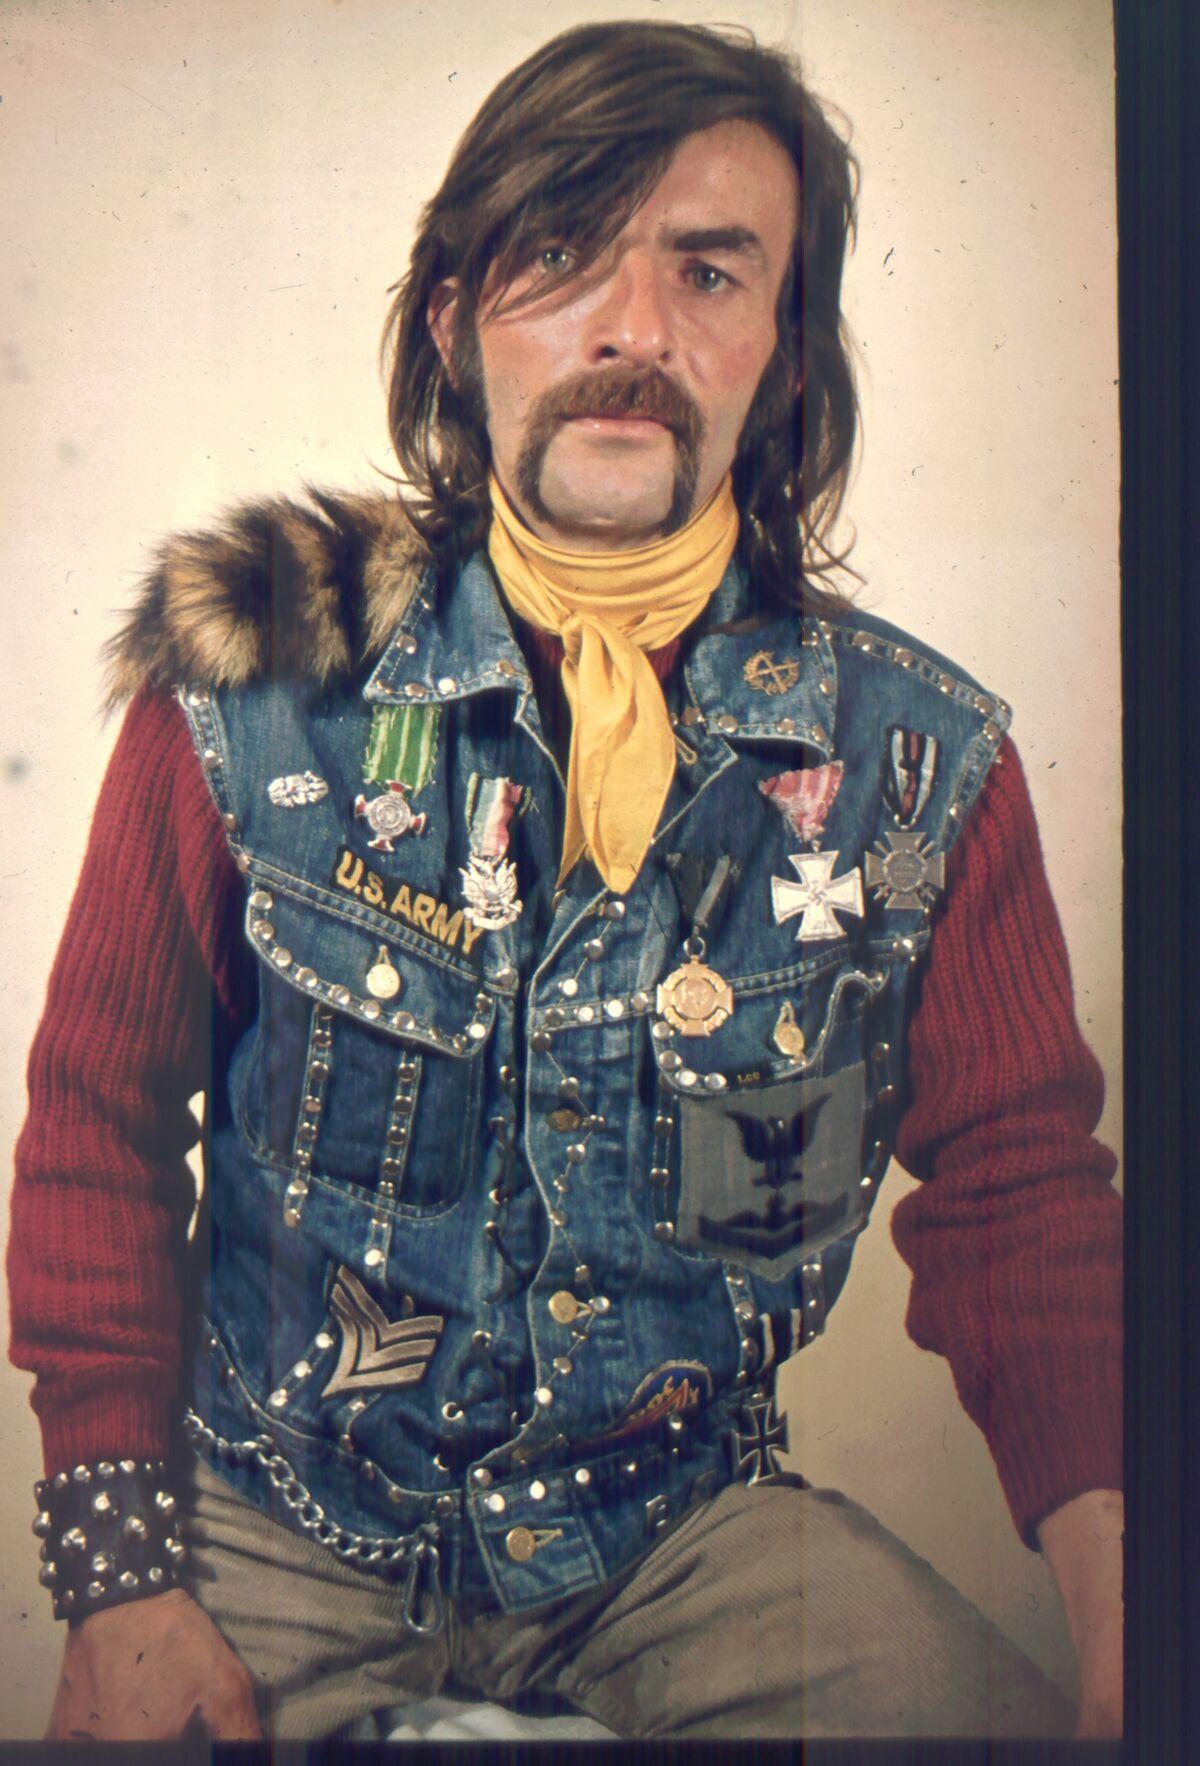 Karlheinz Weinberger, Rocker Zurich, 1968-69. © Karlheinz Weinberger 2018, Courtesy Galerie Esther Woerdehoff, Paris, Patrik Schedler, Zurich and Artist Resources Management, New York.